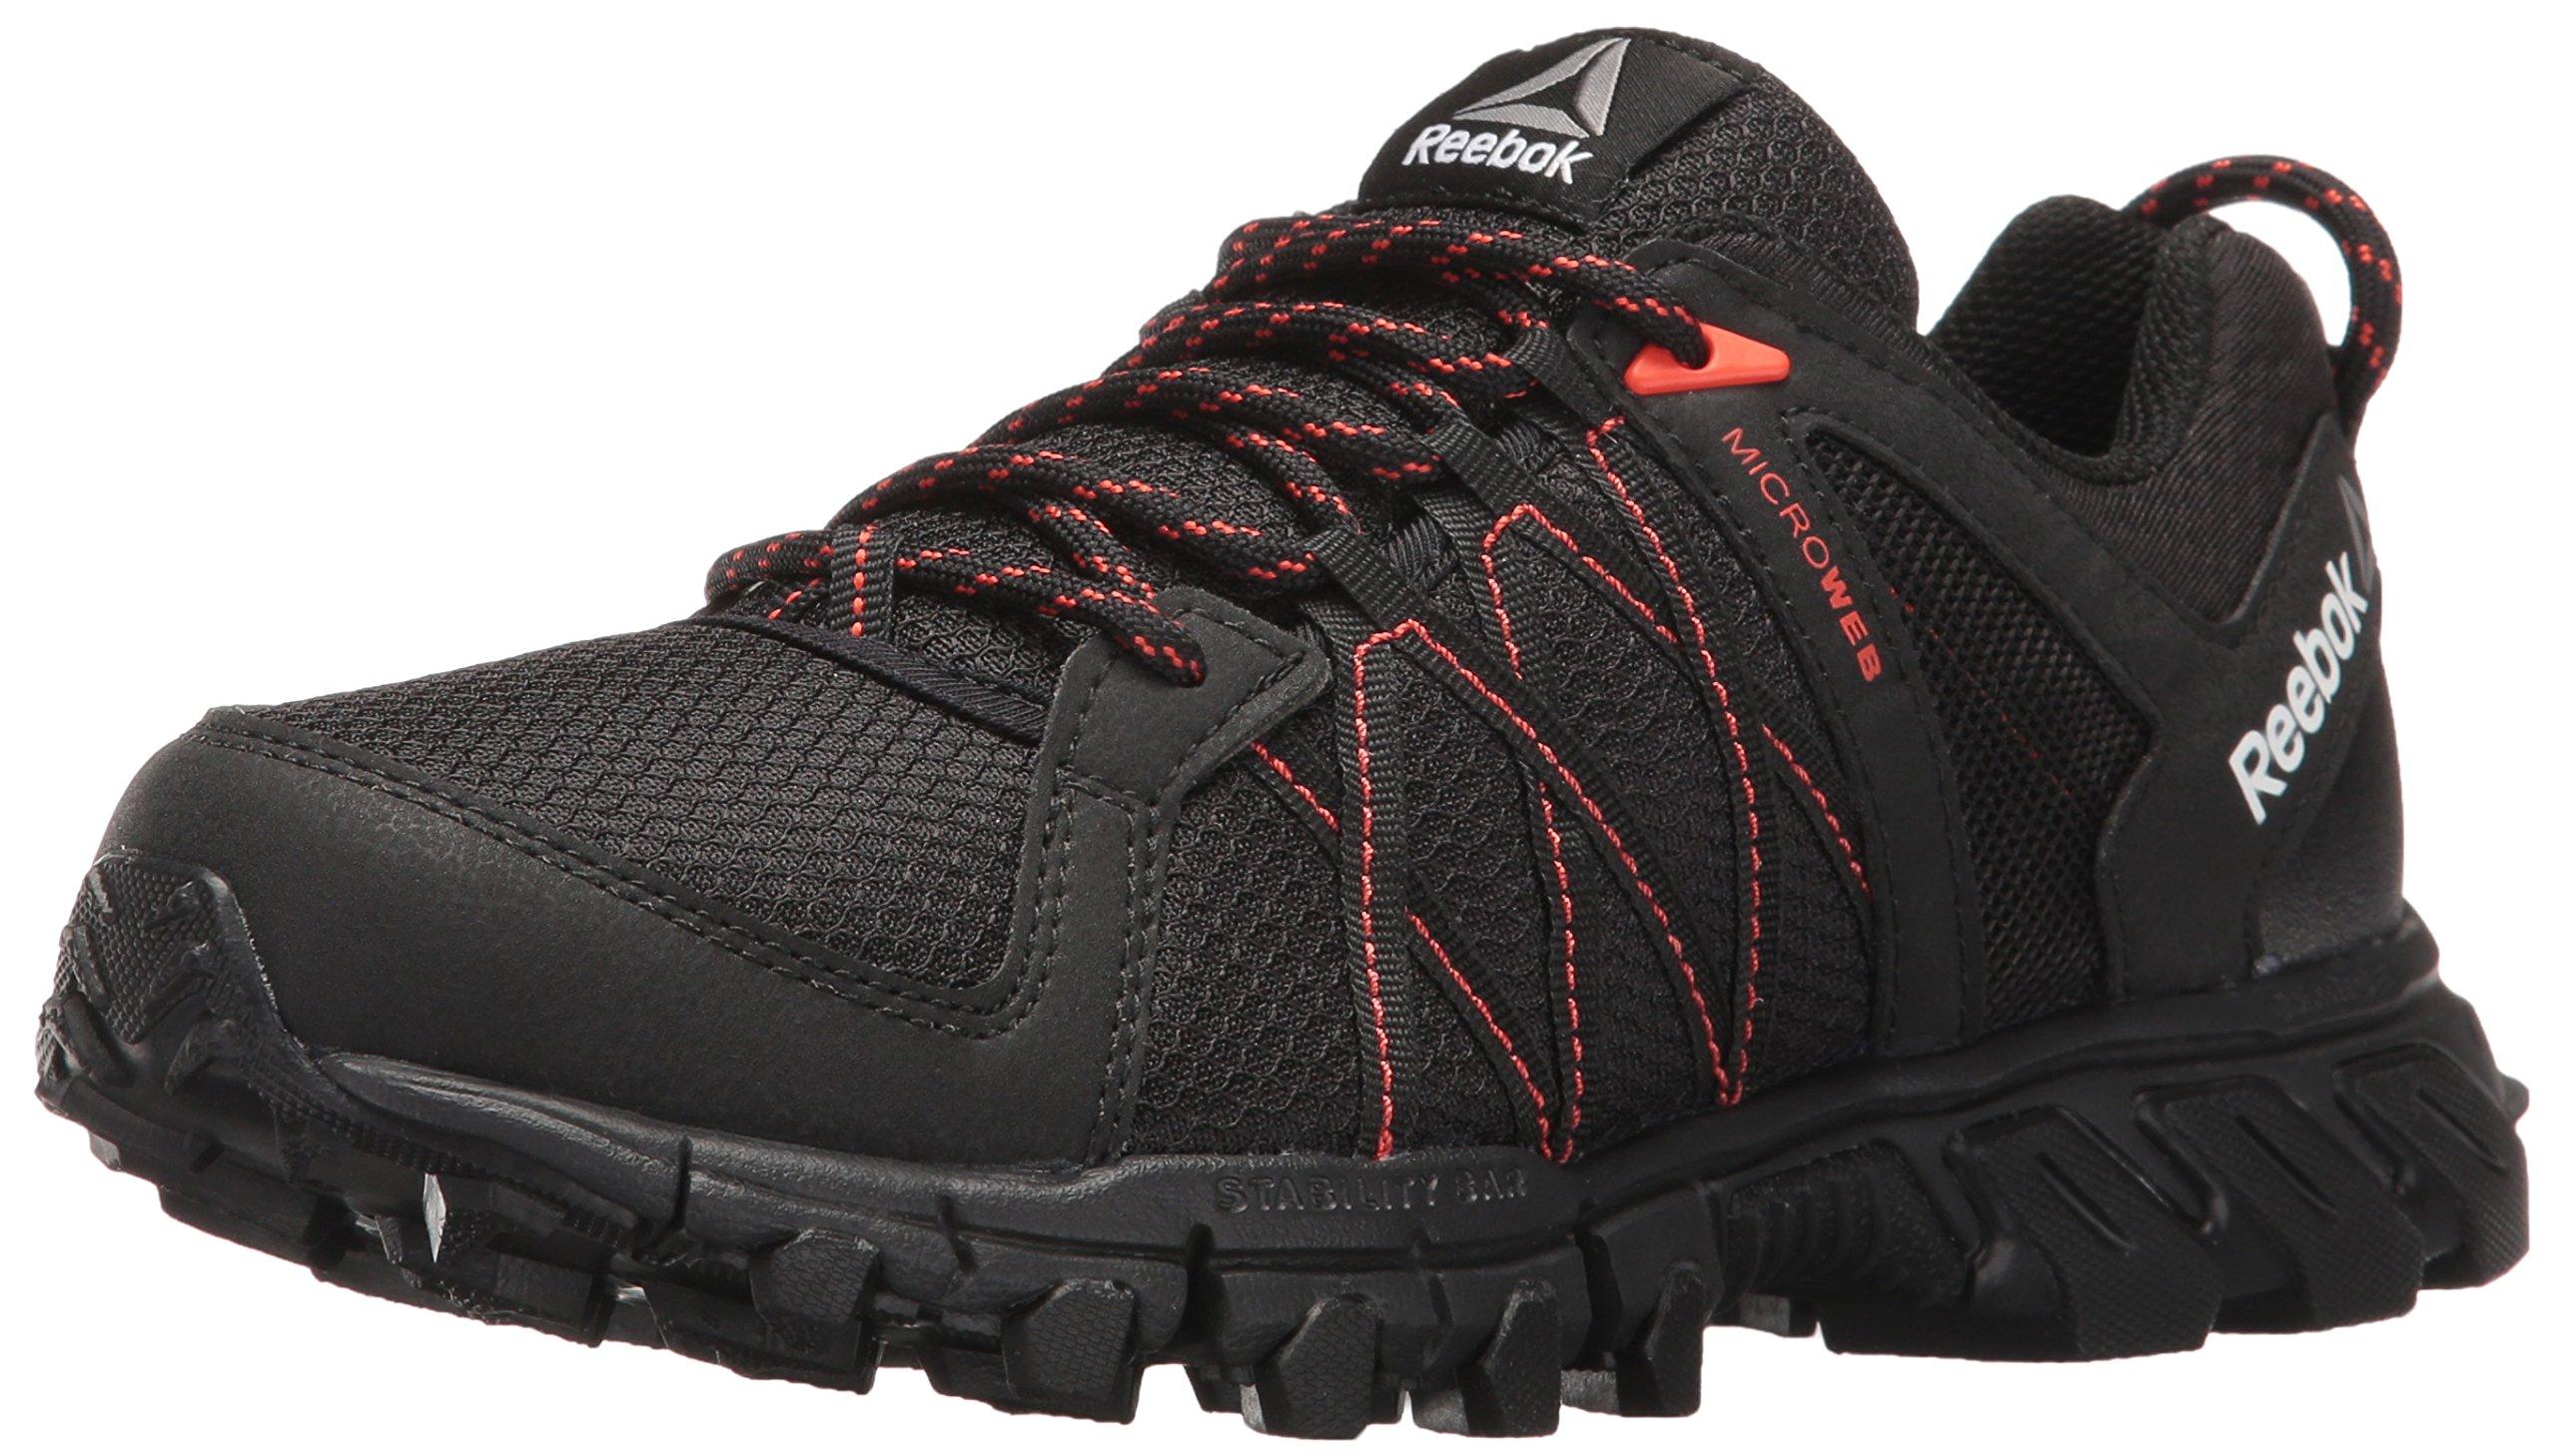 Reebok Women's Trailgrip RS 5.0 Trail Runner, Black/Carotene/Coal, 7.5 M US